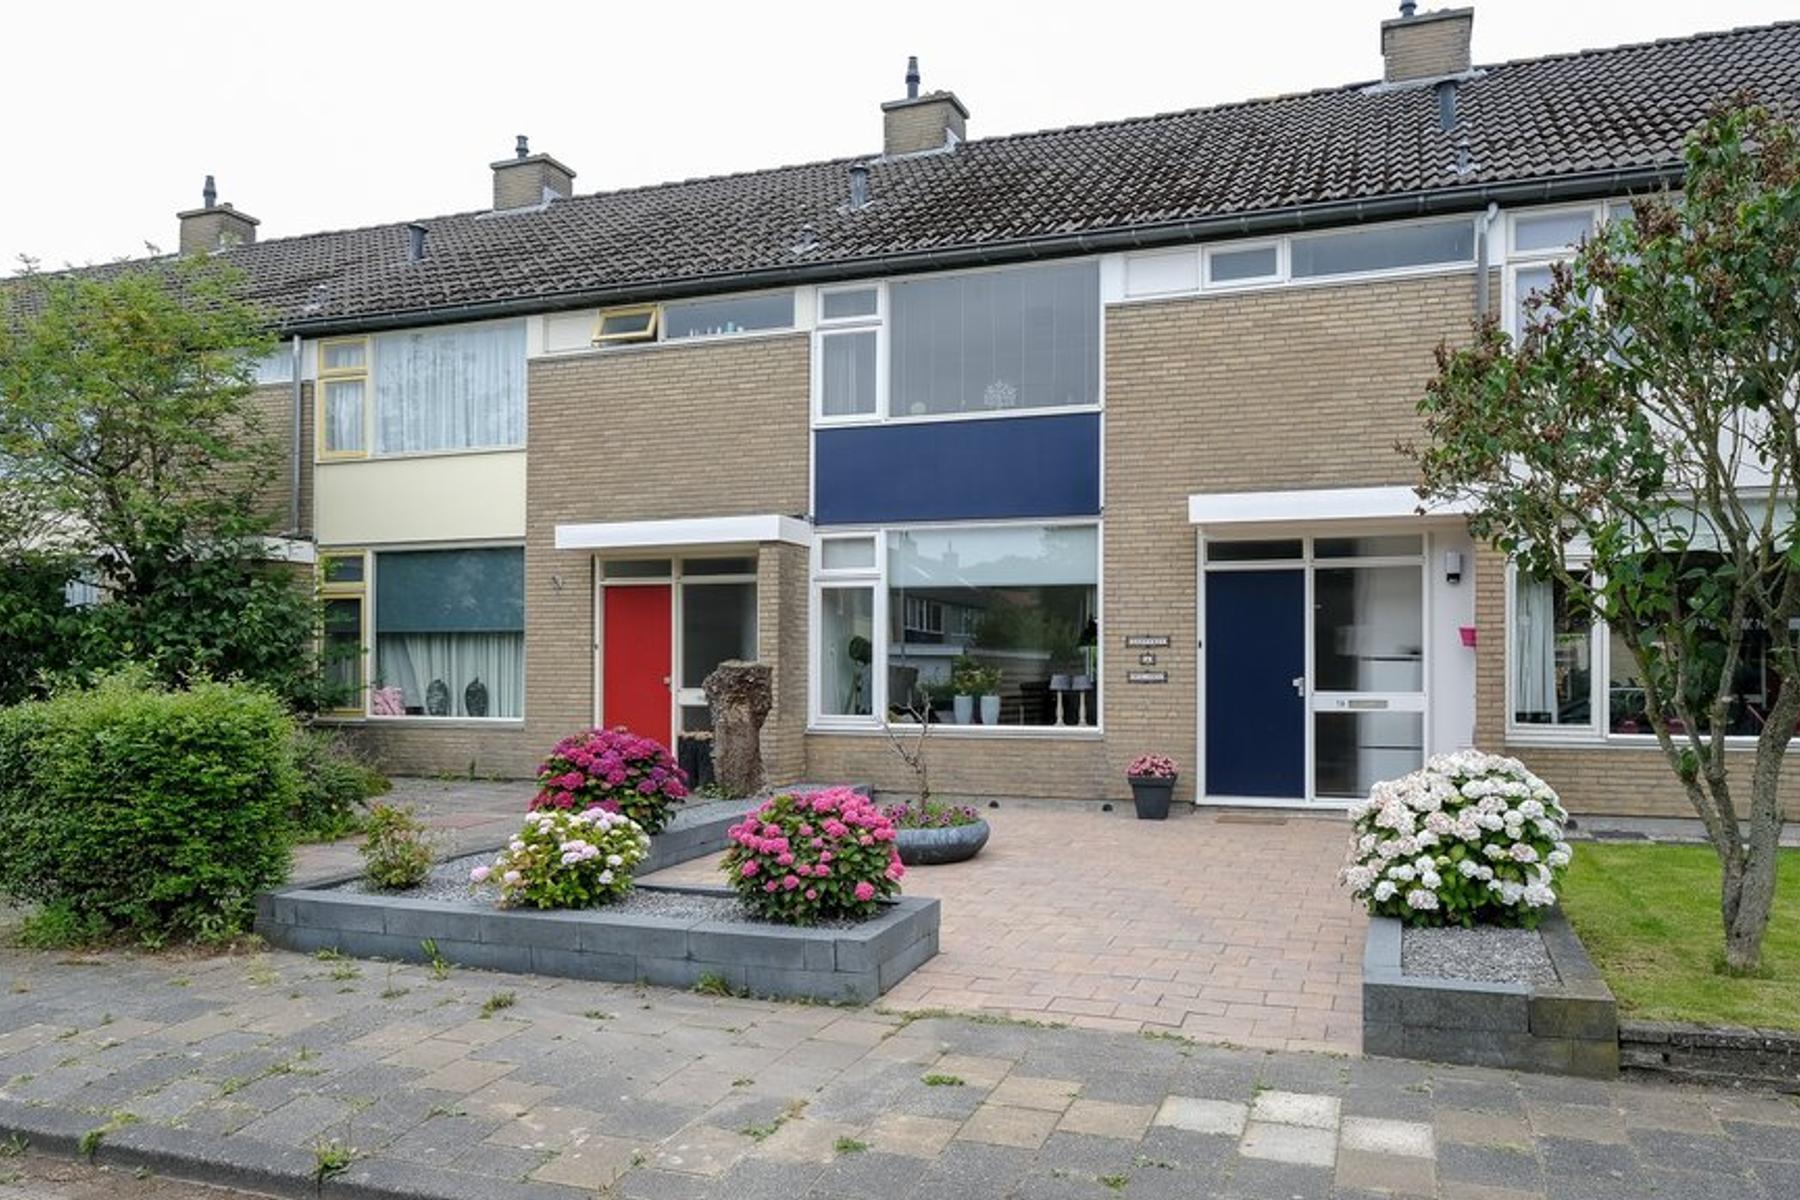 Moezelstraat 16 in Assen 9406 VL